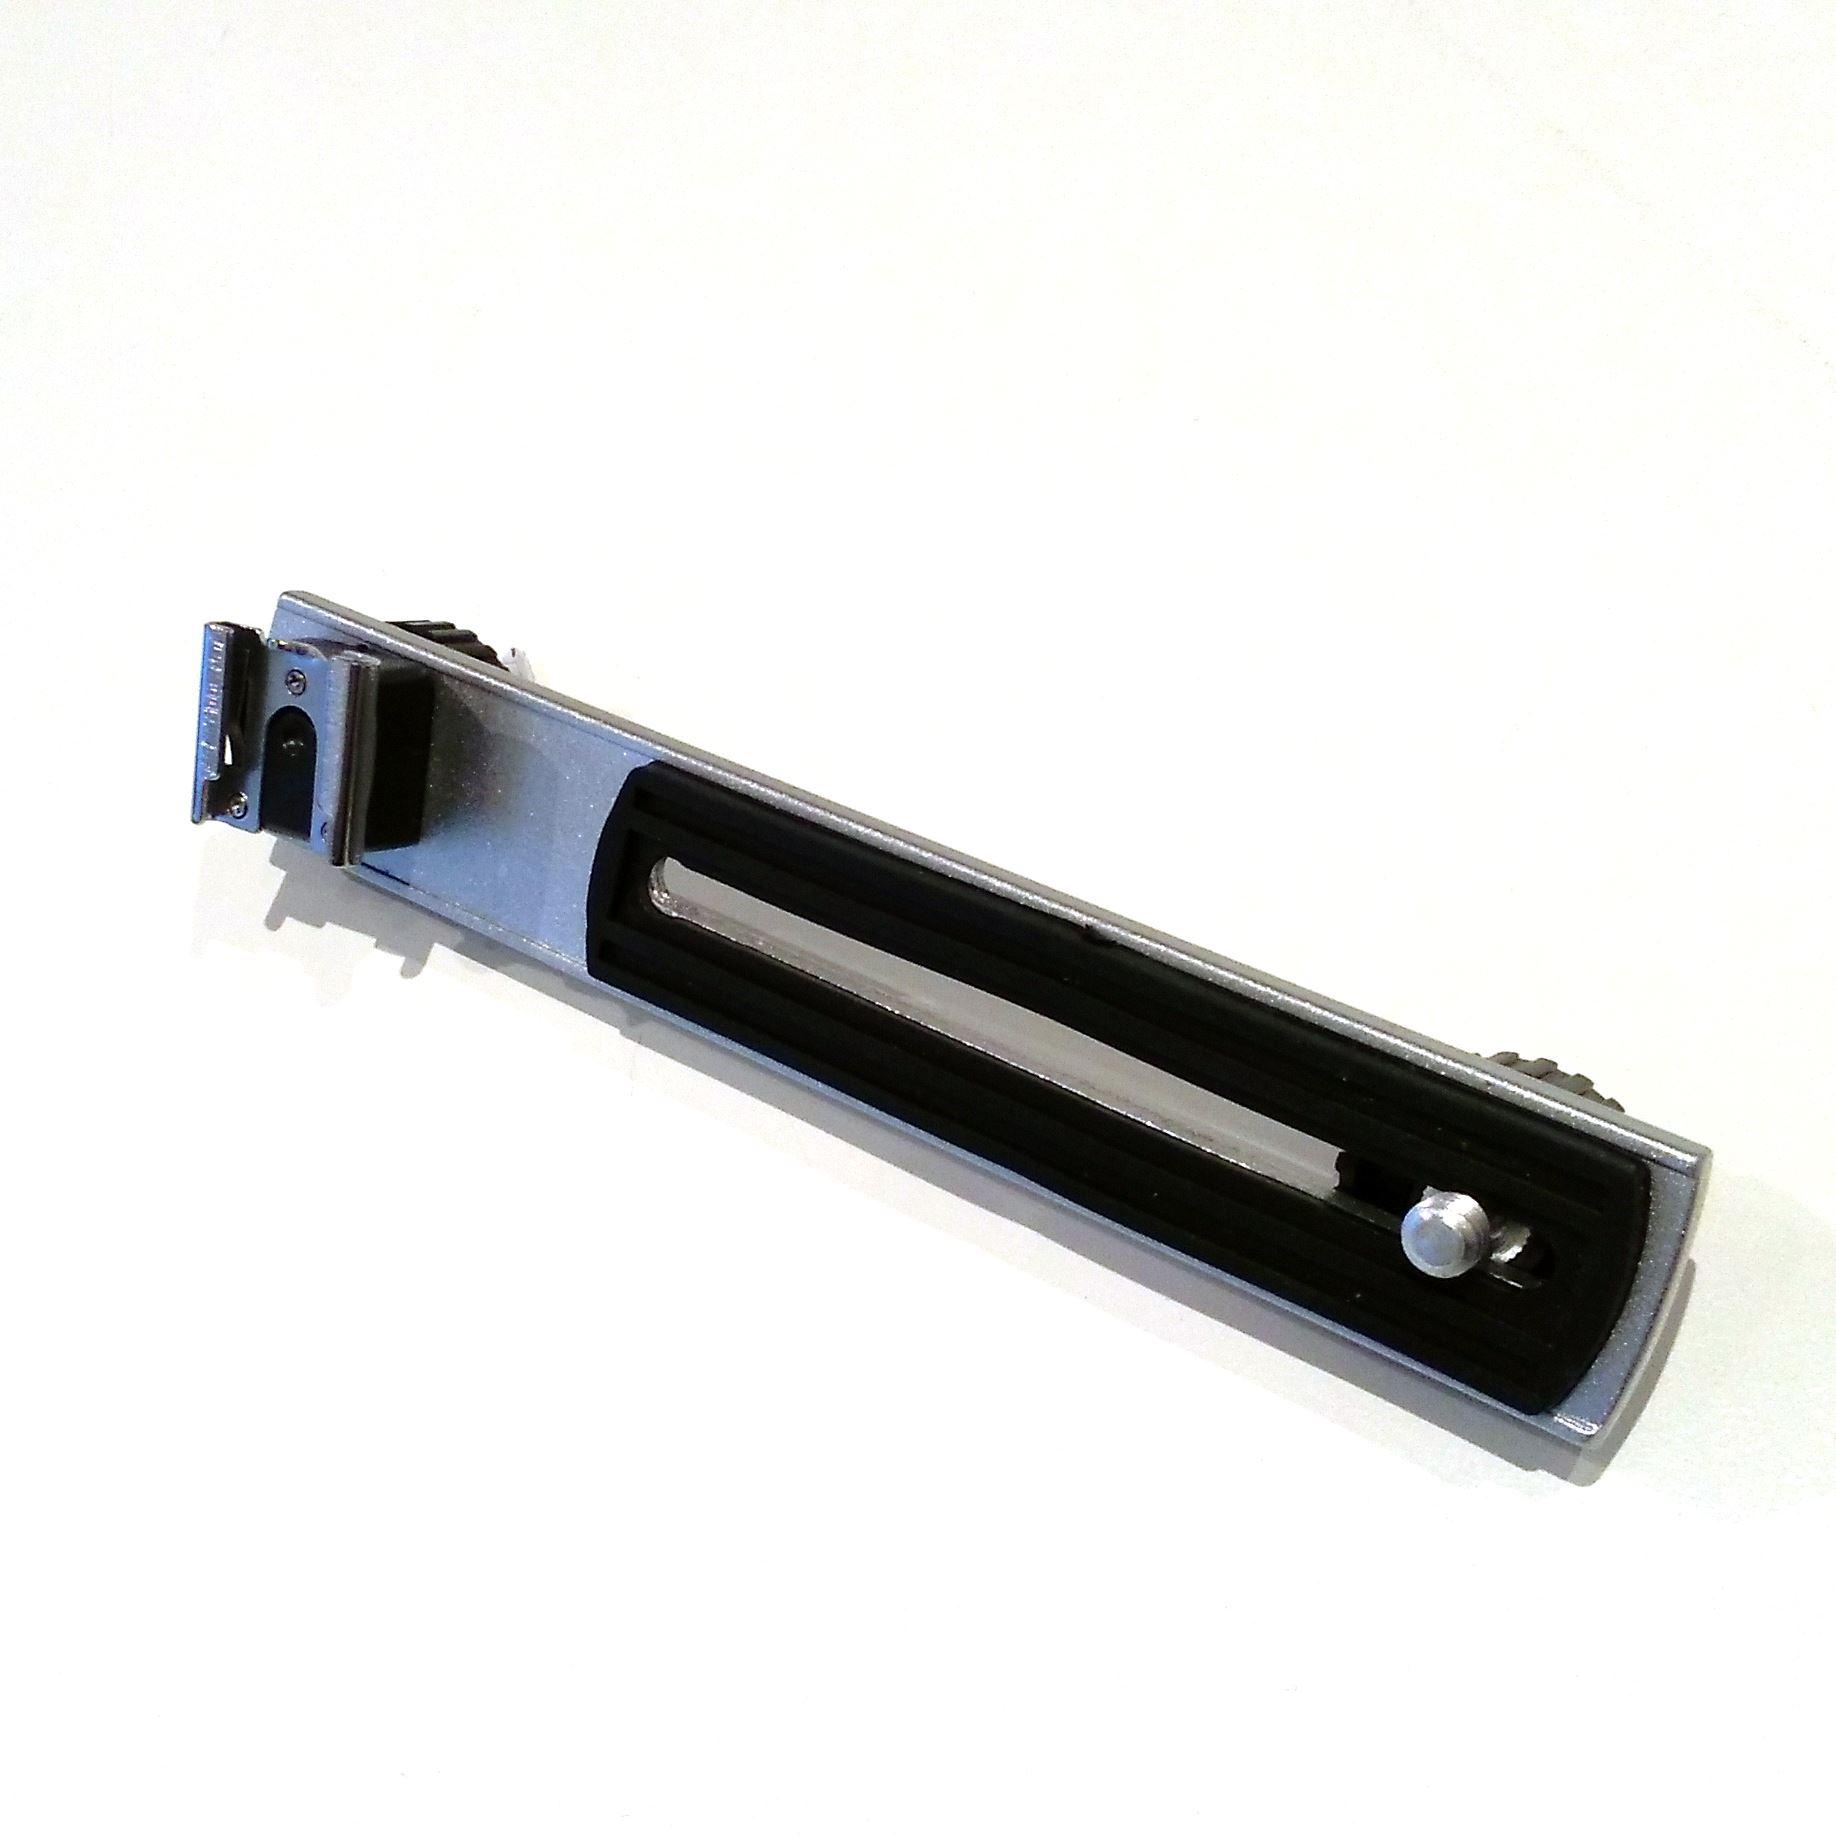 Afbeelding van 405 Photogear EFB Electronic Flash Bracket Flitsbeugel